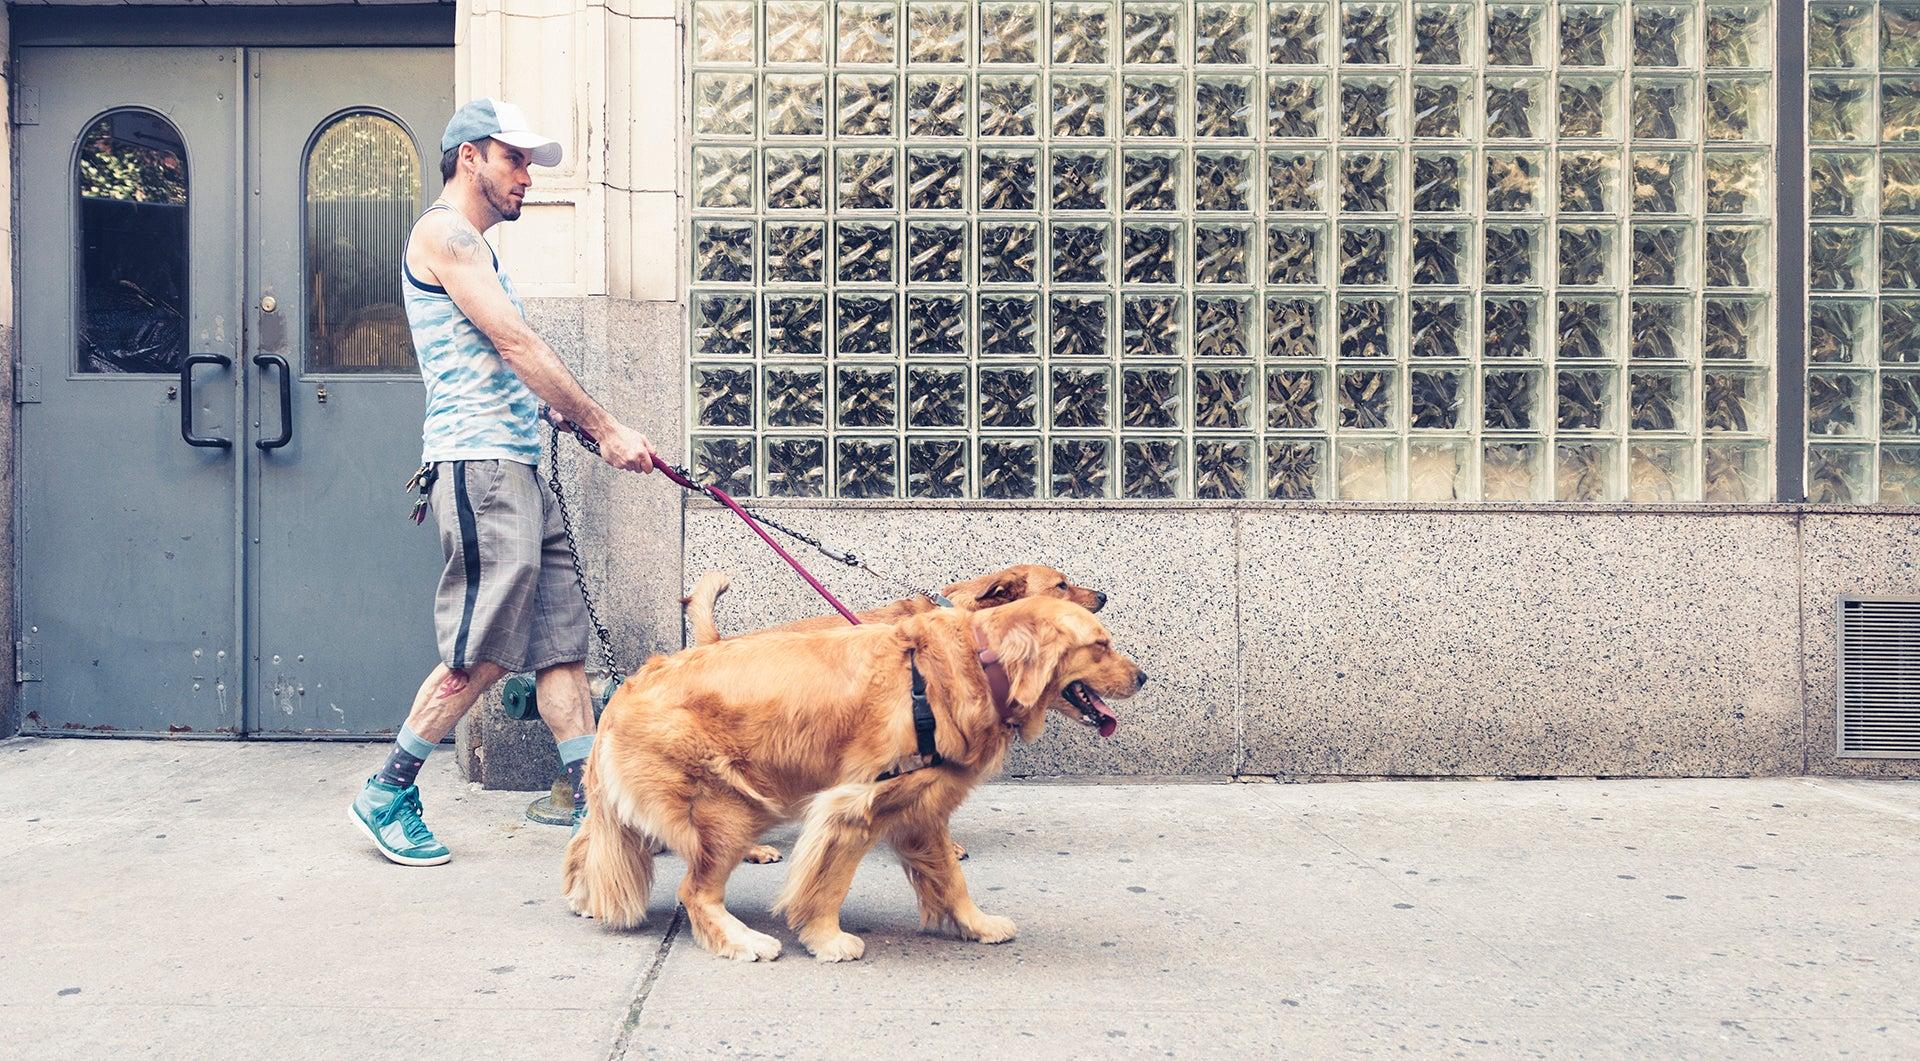 pasear perros